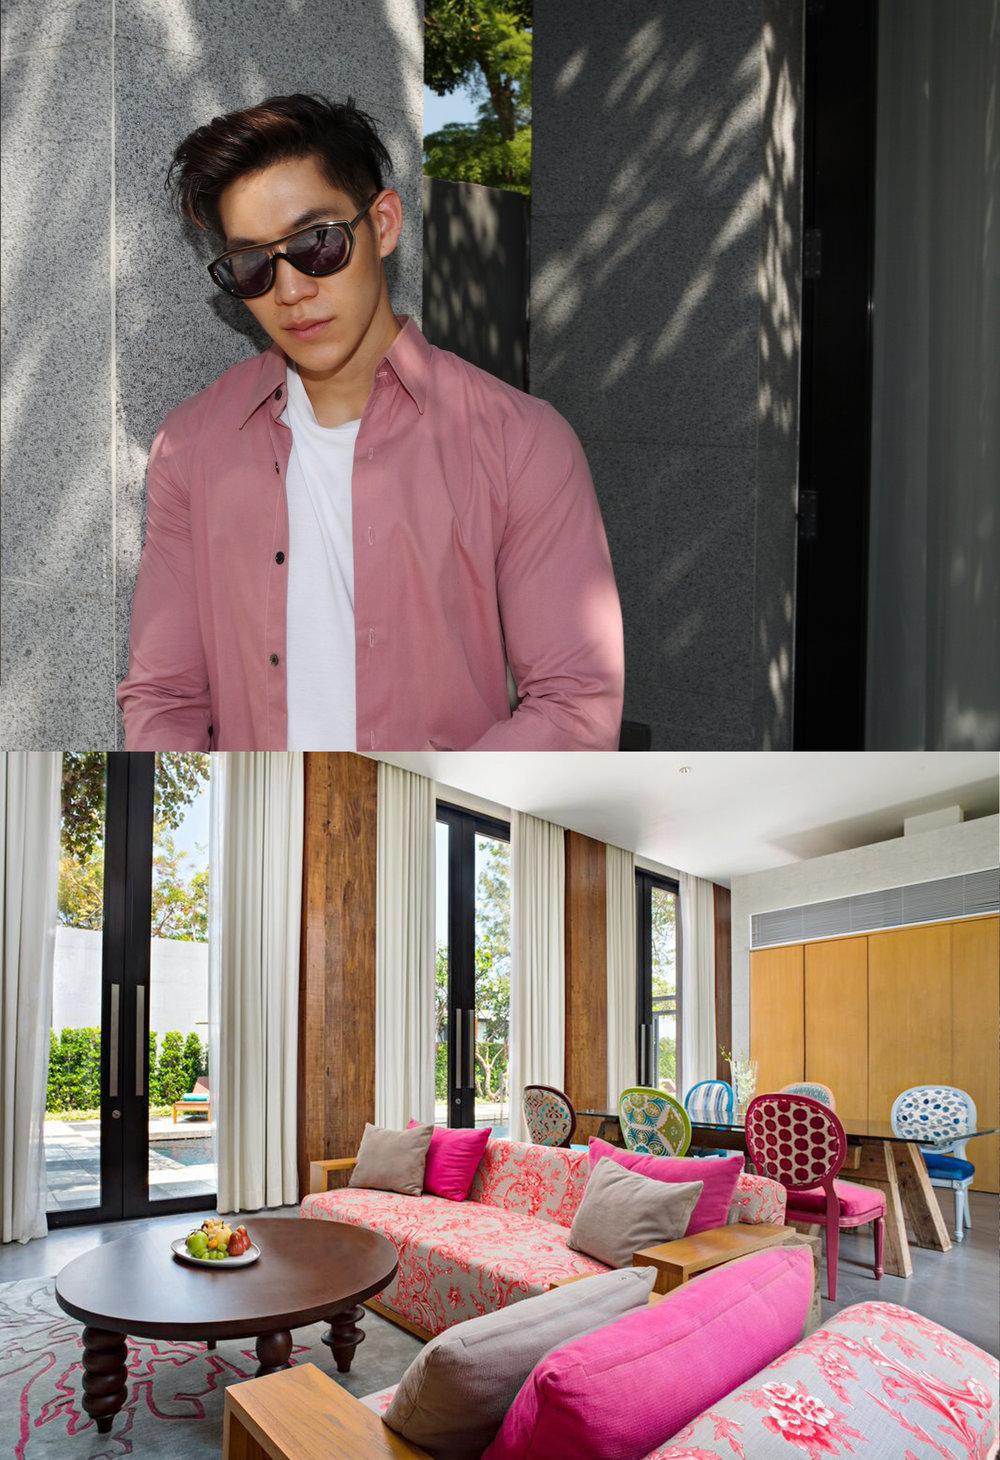 POPPY : shirt : P.MITH  sunglasses : Blake Kuwahara